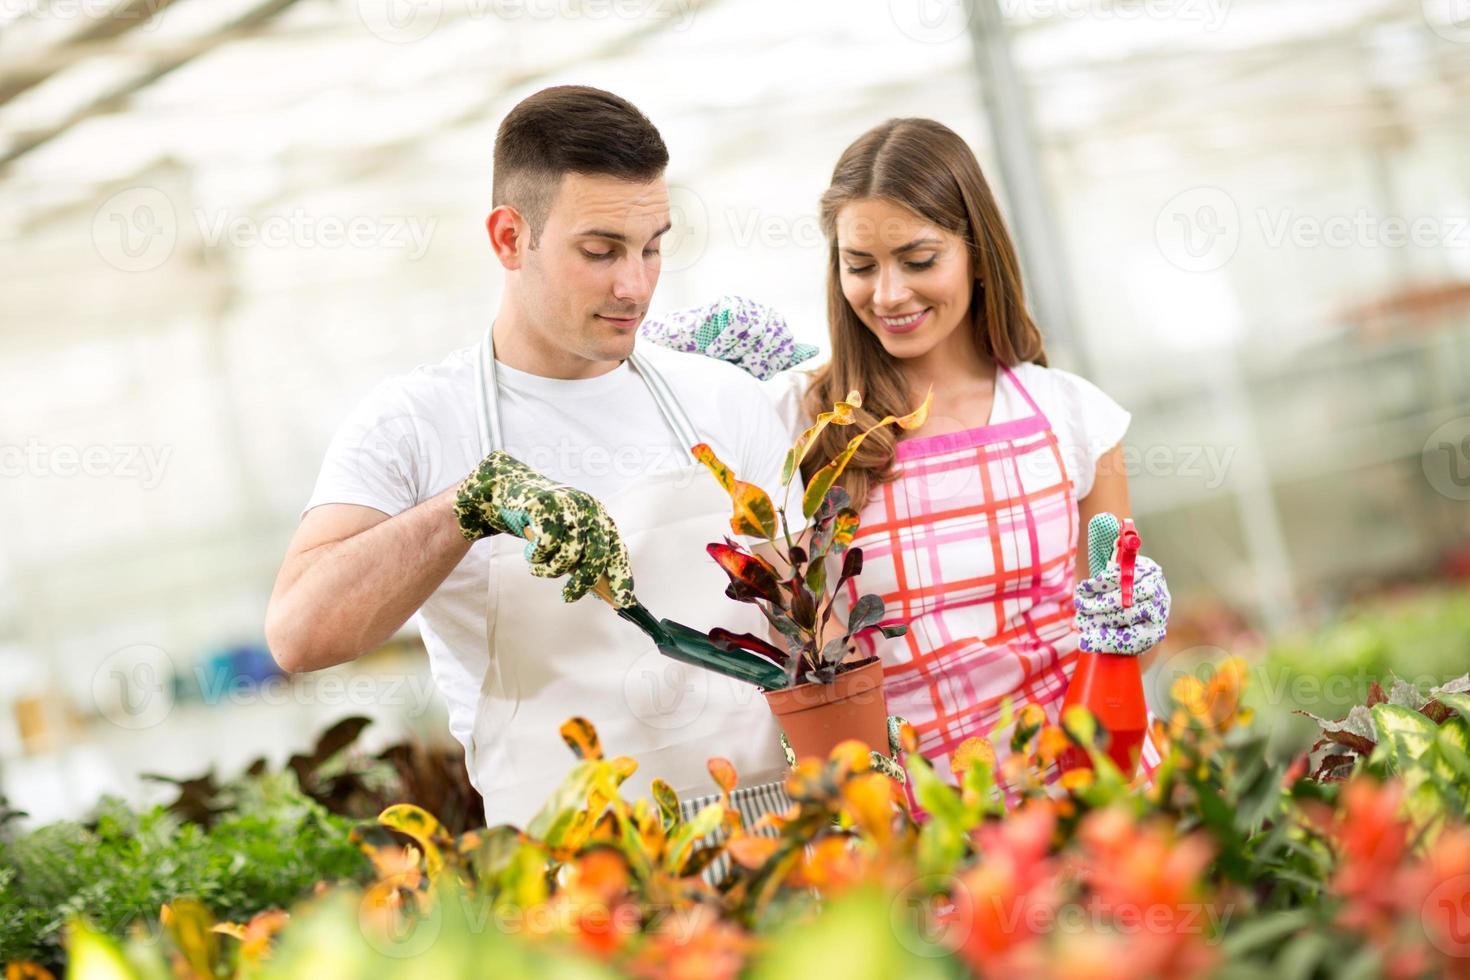 plantera och ta hand om croton i växthus foto